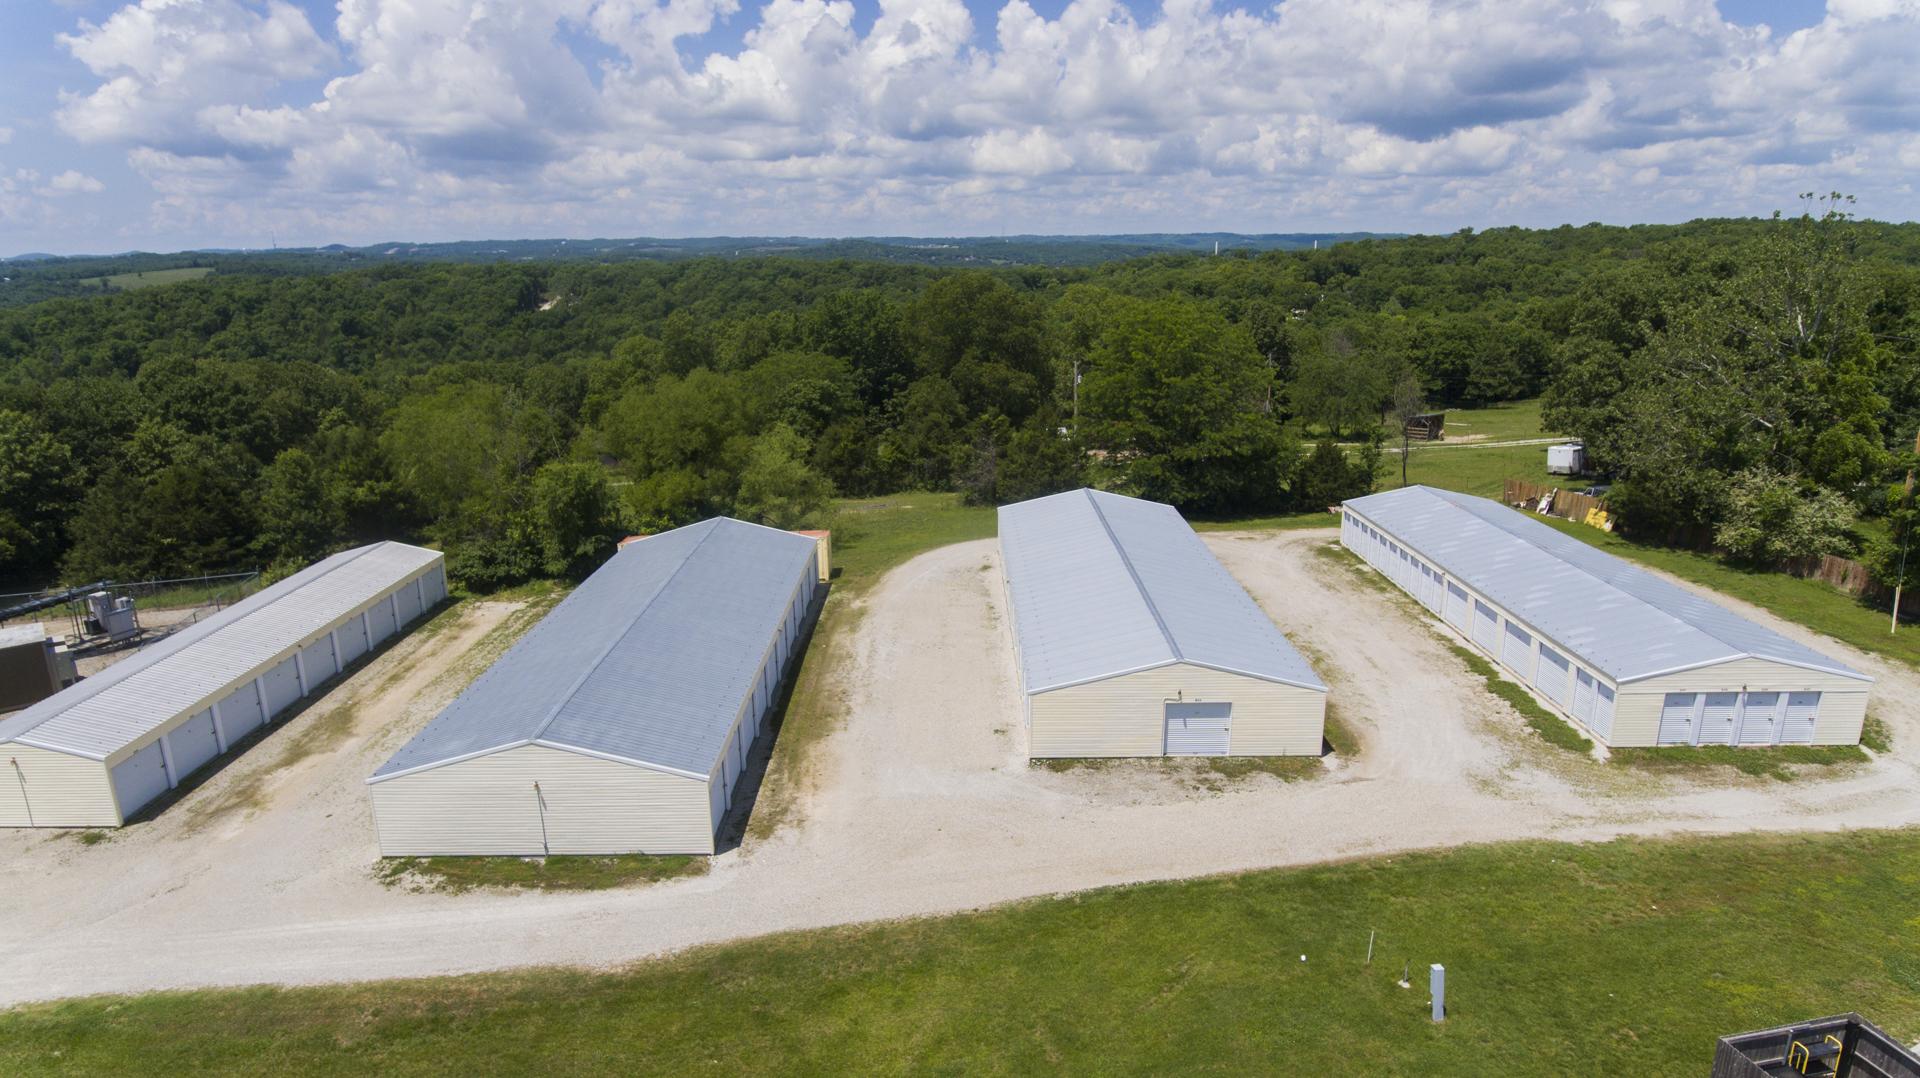 aerial rockaway beach storage units